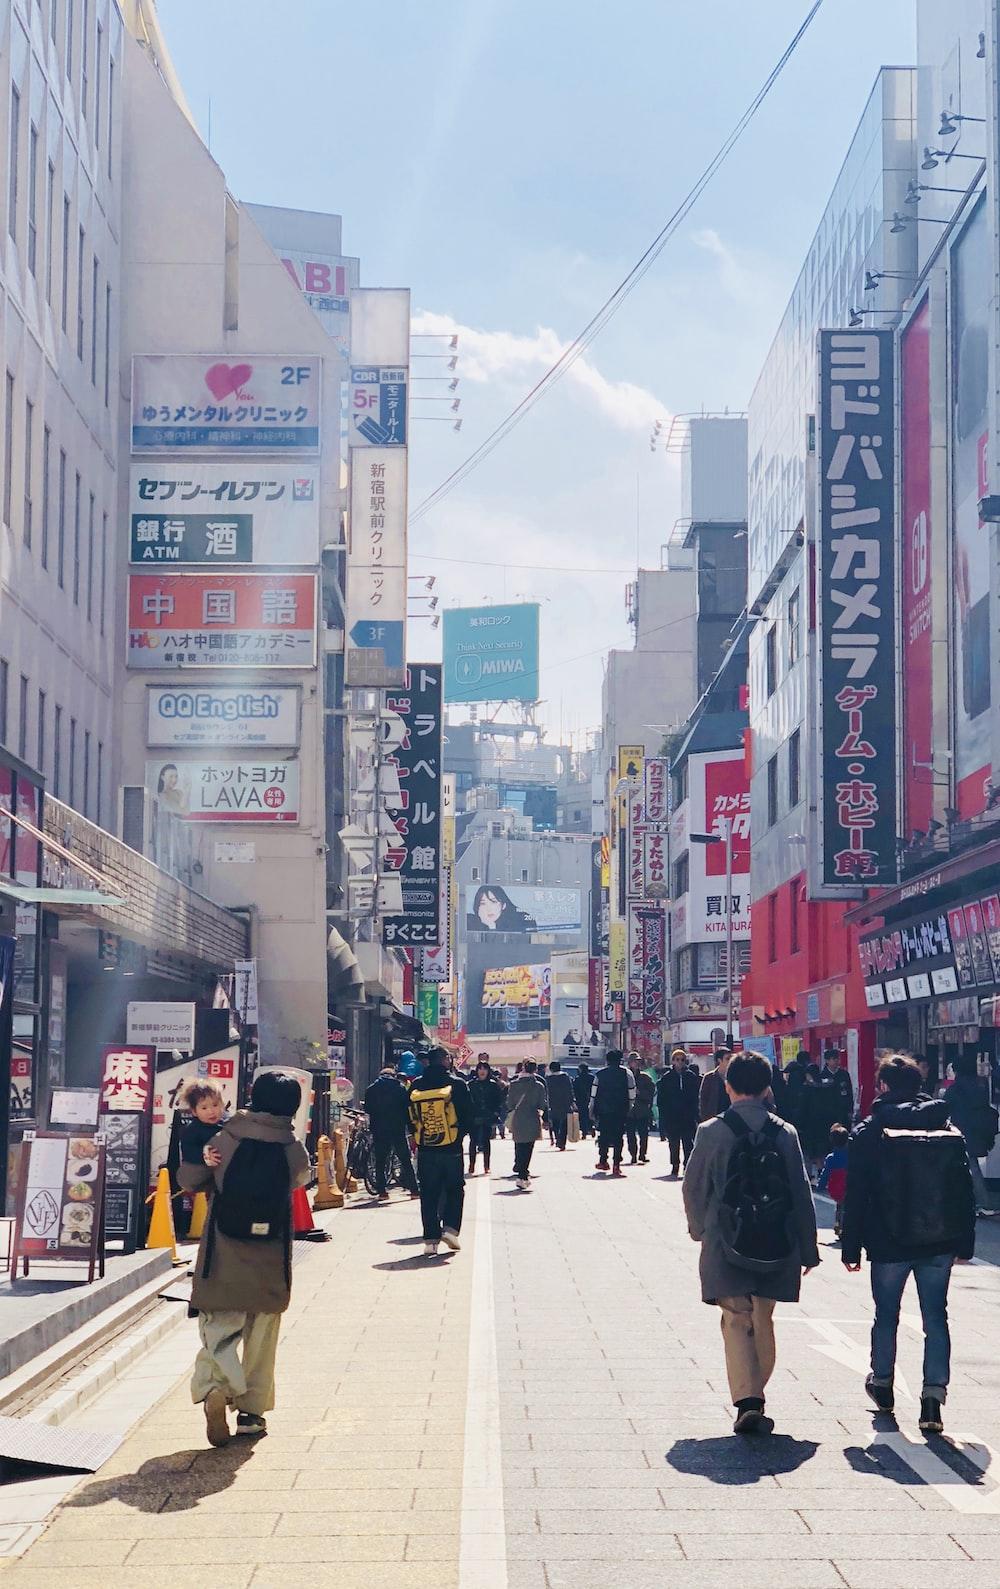 people walking on street in between building during daytime